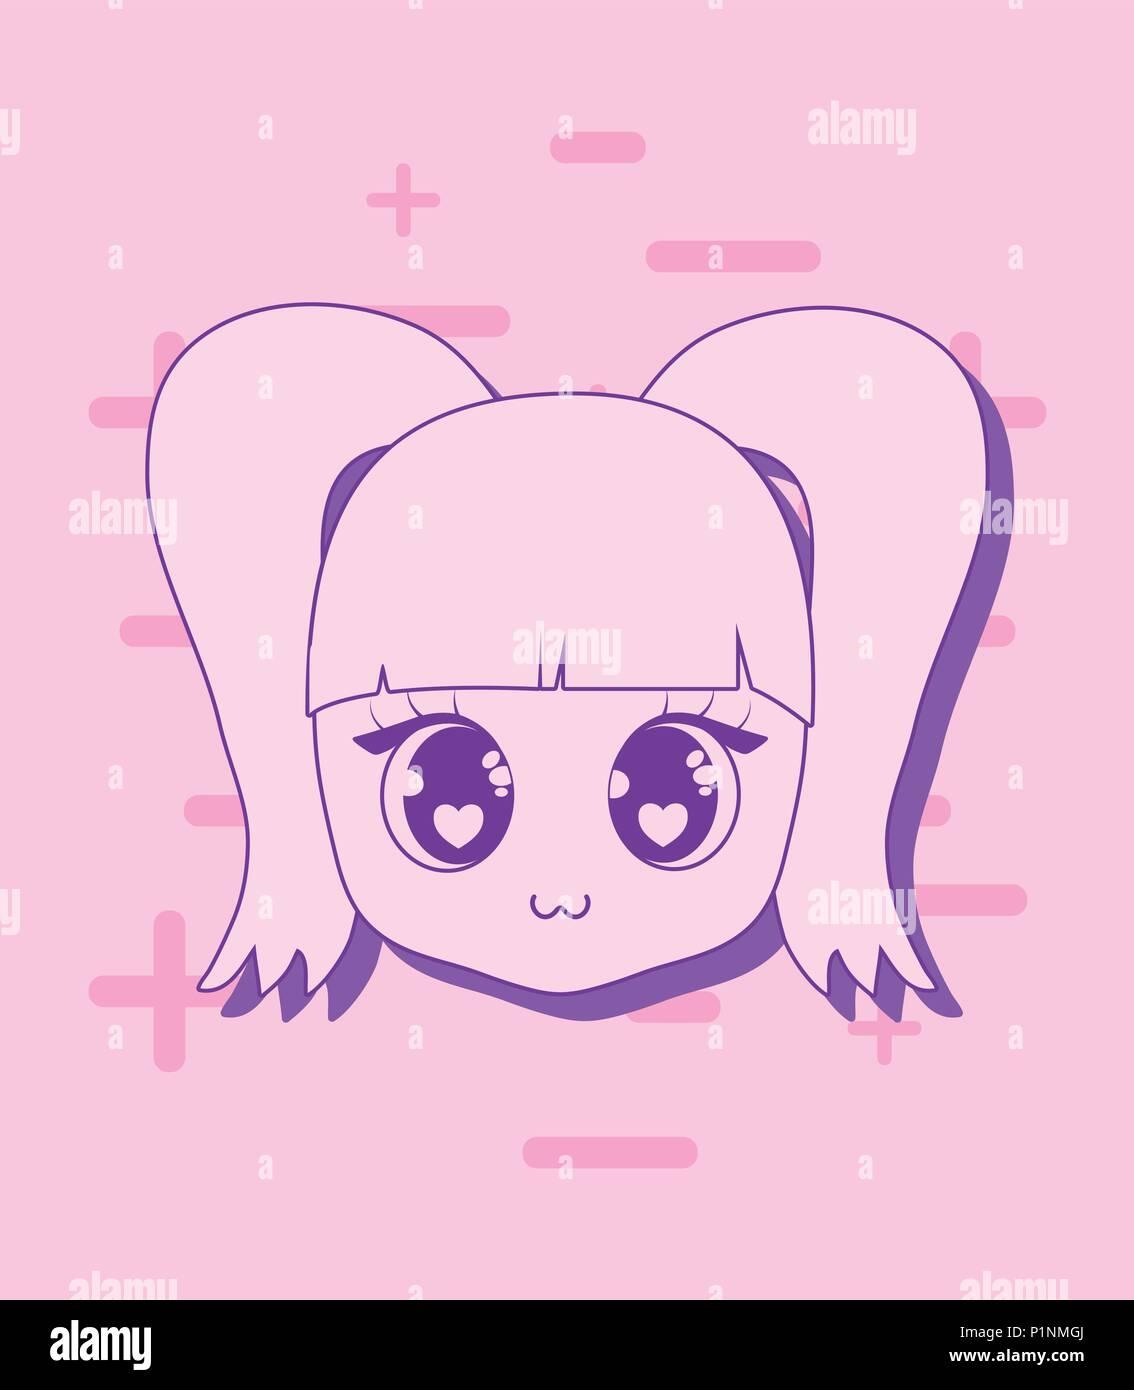 Kawaii Girl Face Icona Su Sfondo Rosa E Coloratissima Linea Design